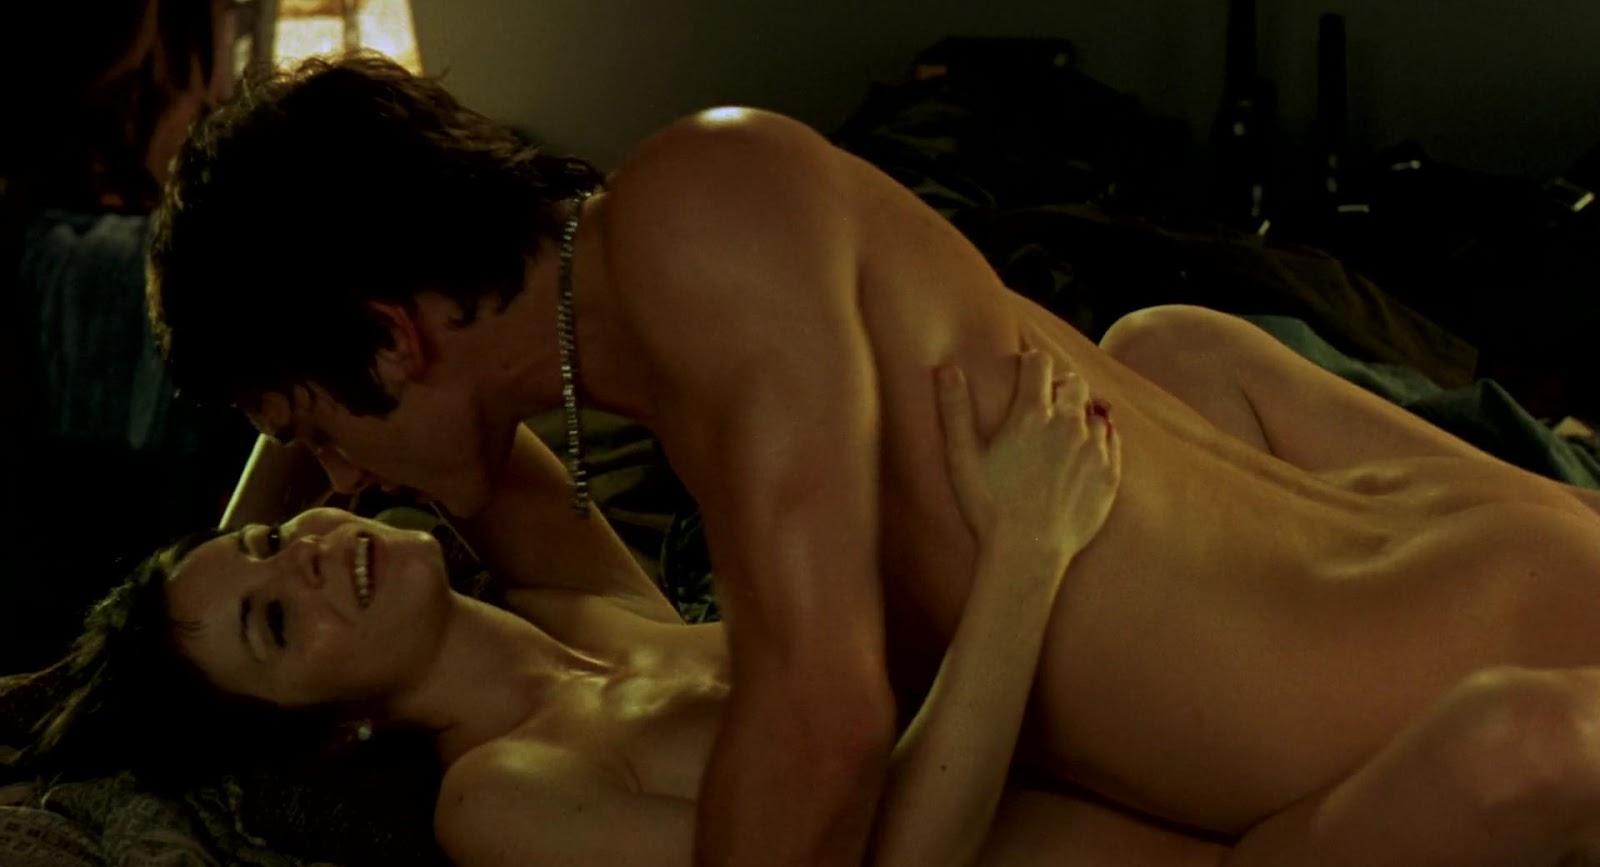 xxx sex movies spa visby